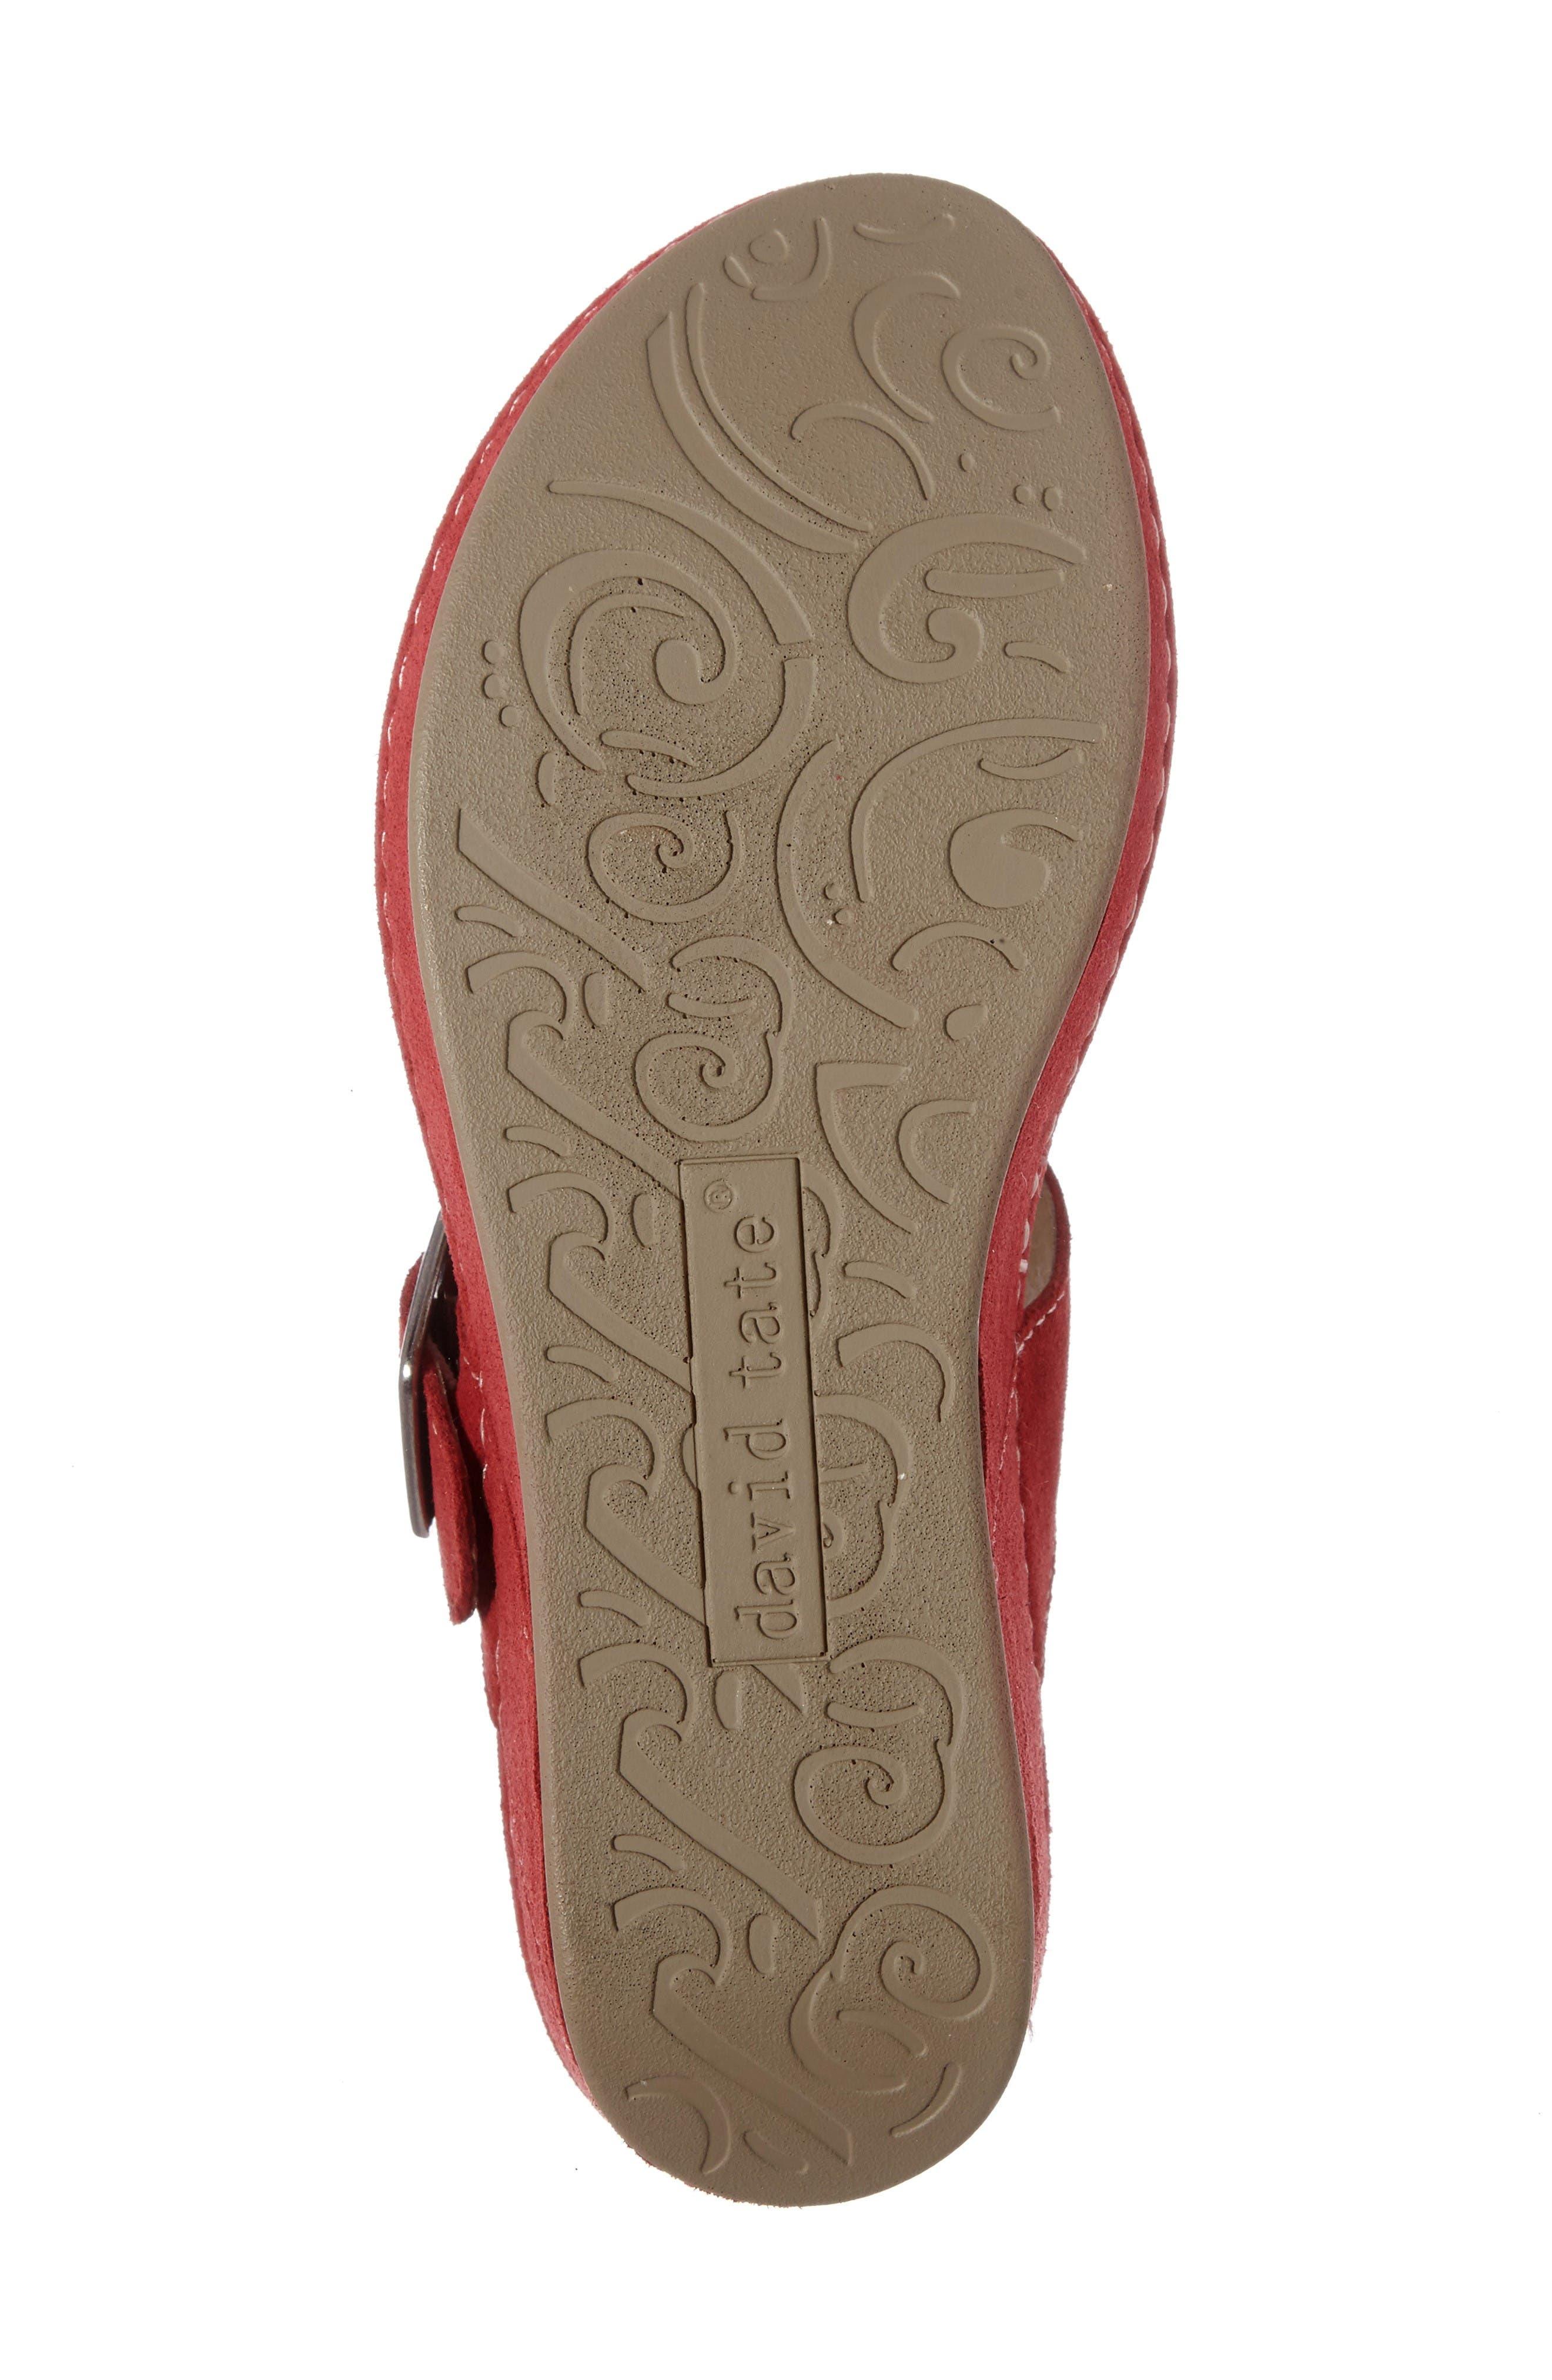 Spring Platform Wedge Sandal,                             Alternate thumbnail 4, color,                             Red Suede